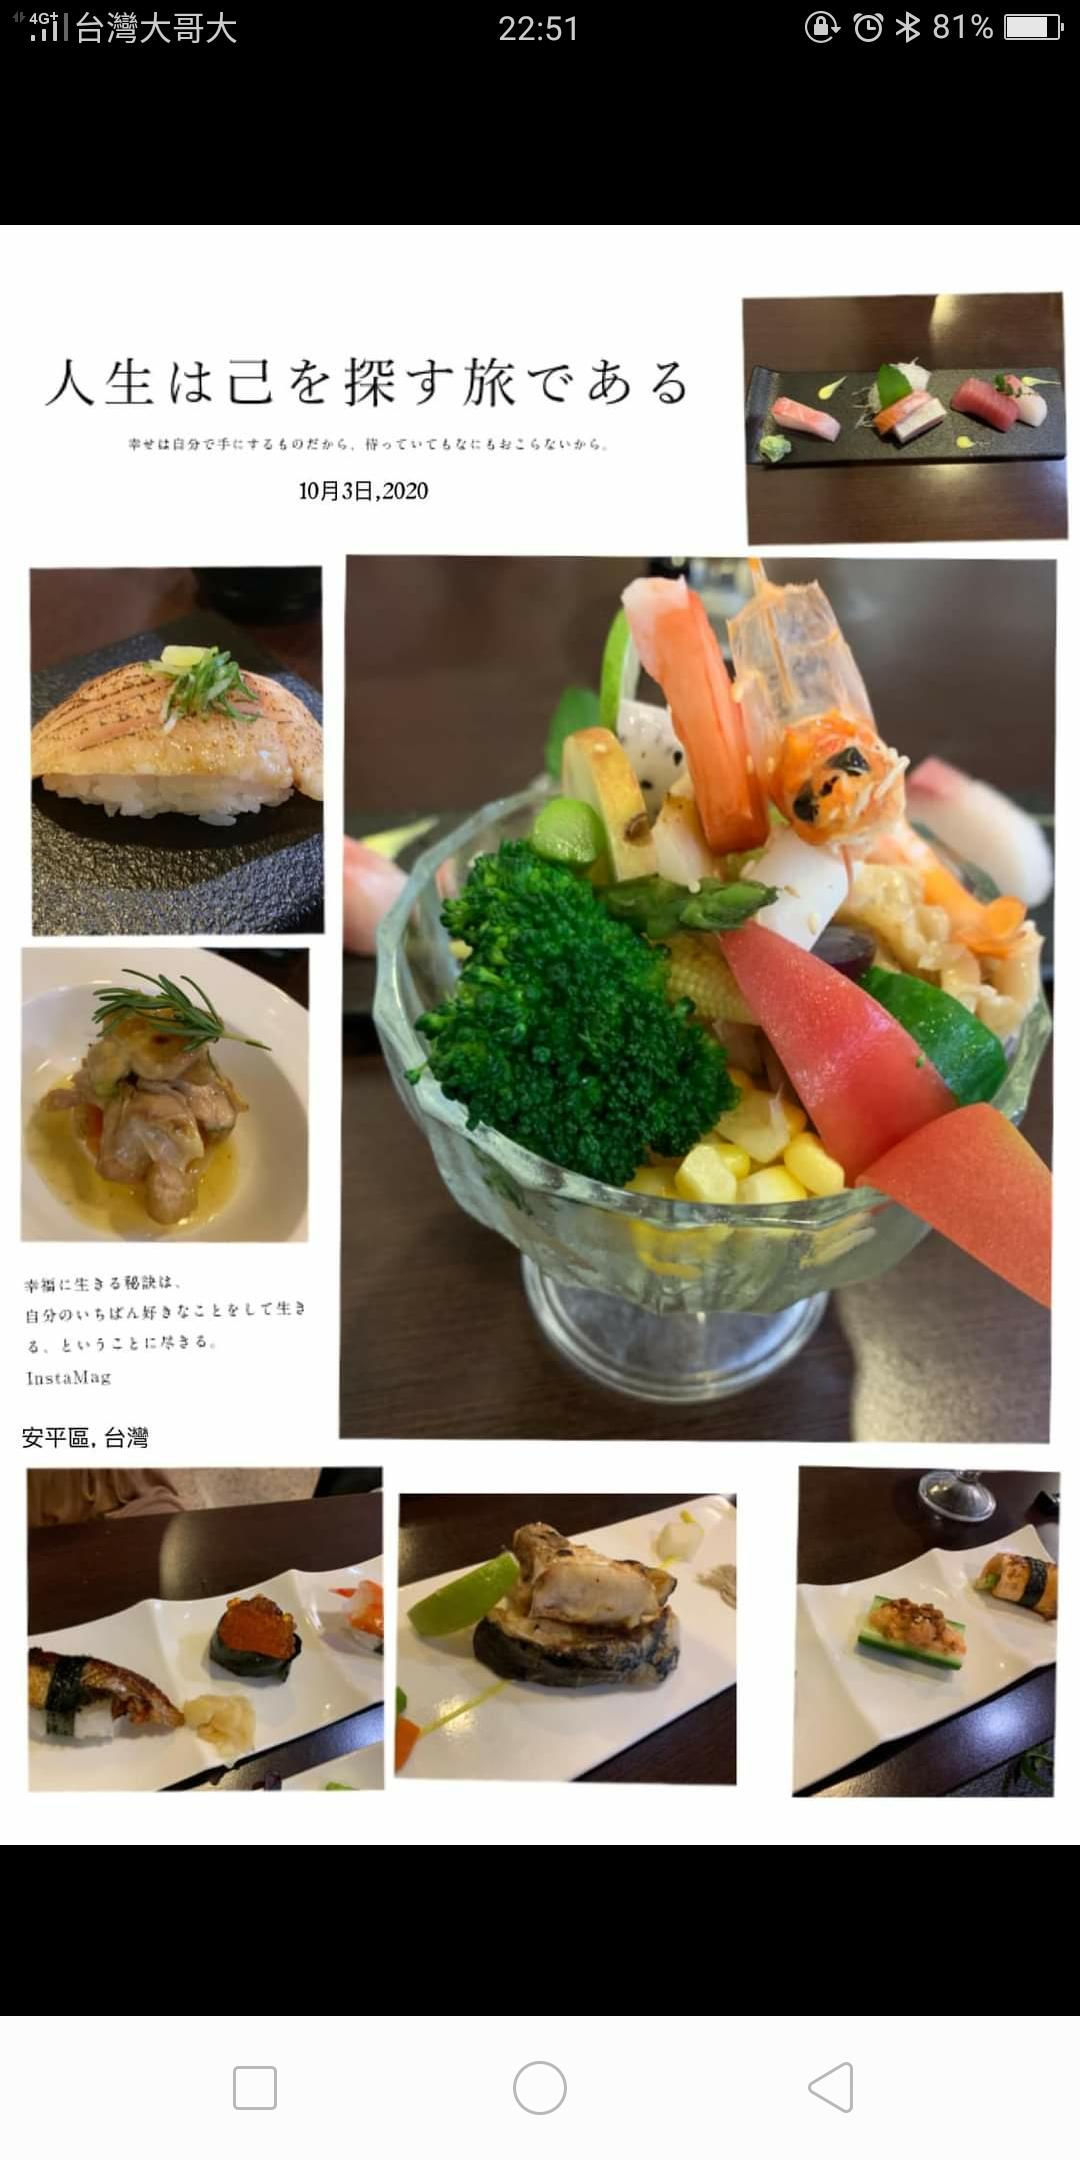 日銘手作壽司相關照片4